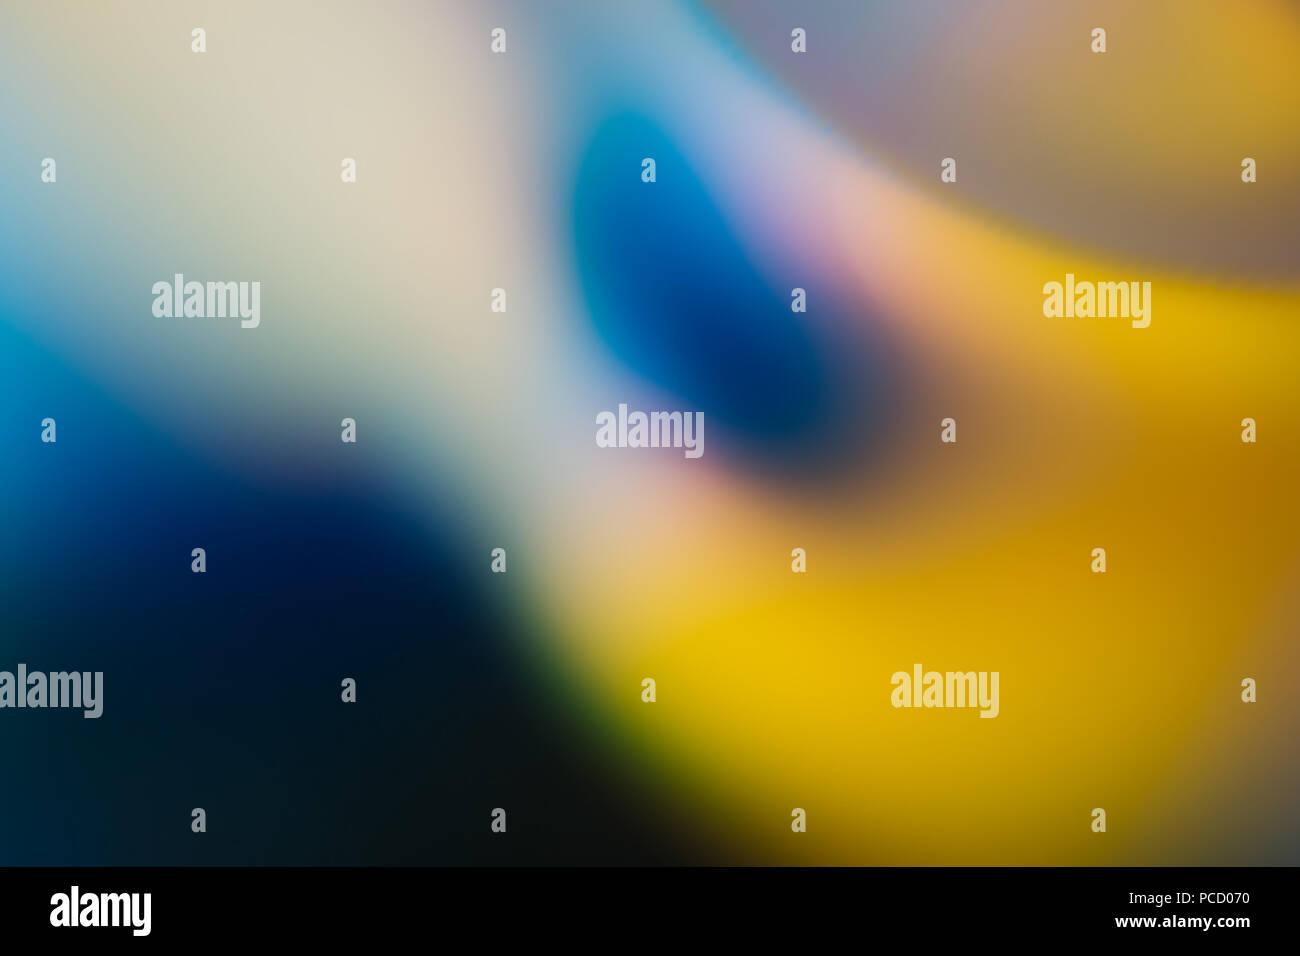 Abstrakte Fotografie verschwommen gedeckten Farben Stockbild